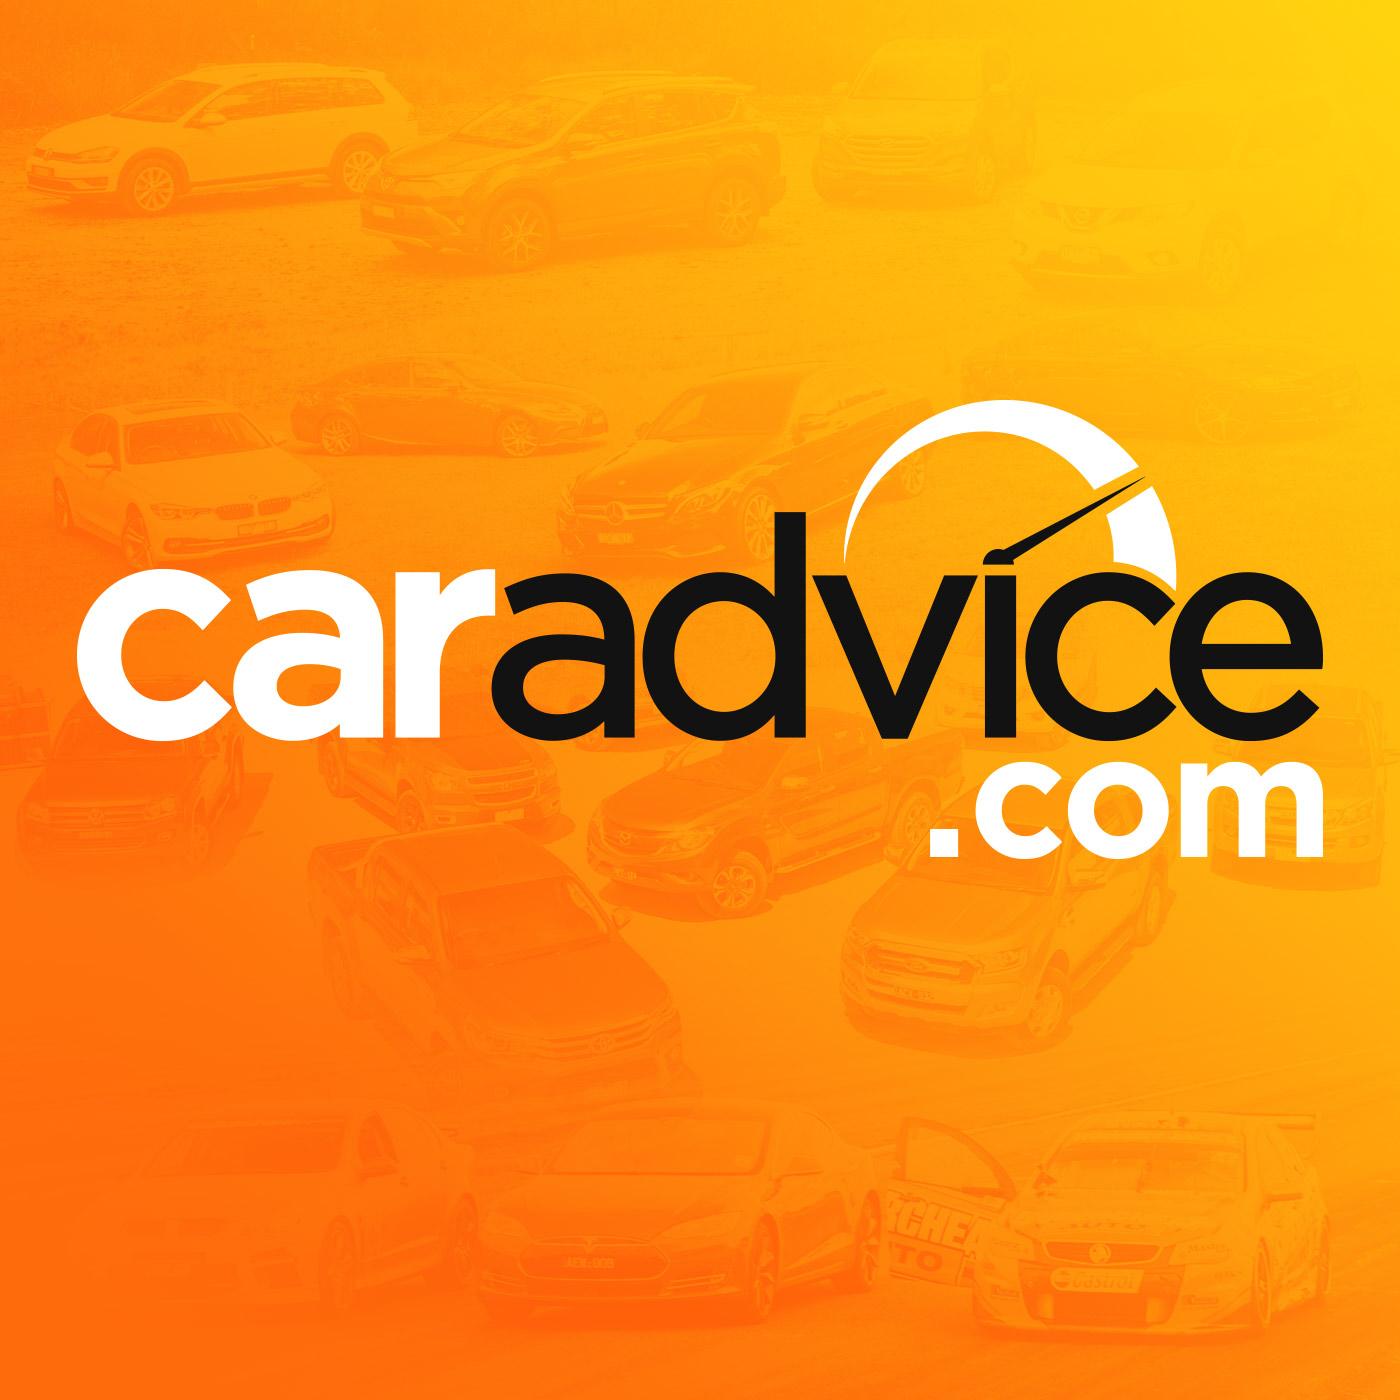 CarAdvice